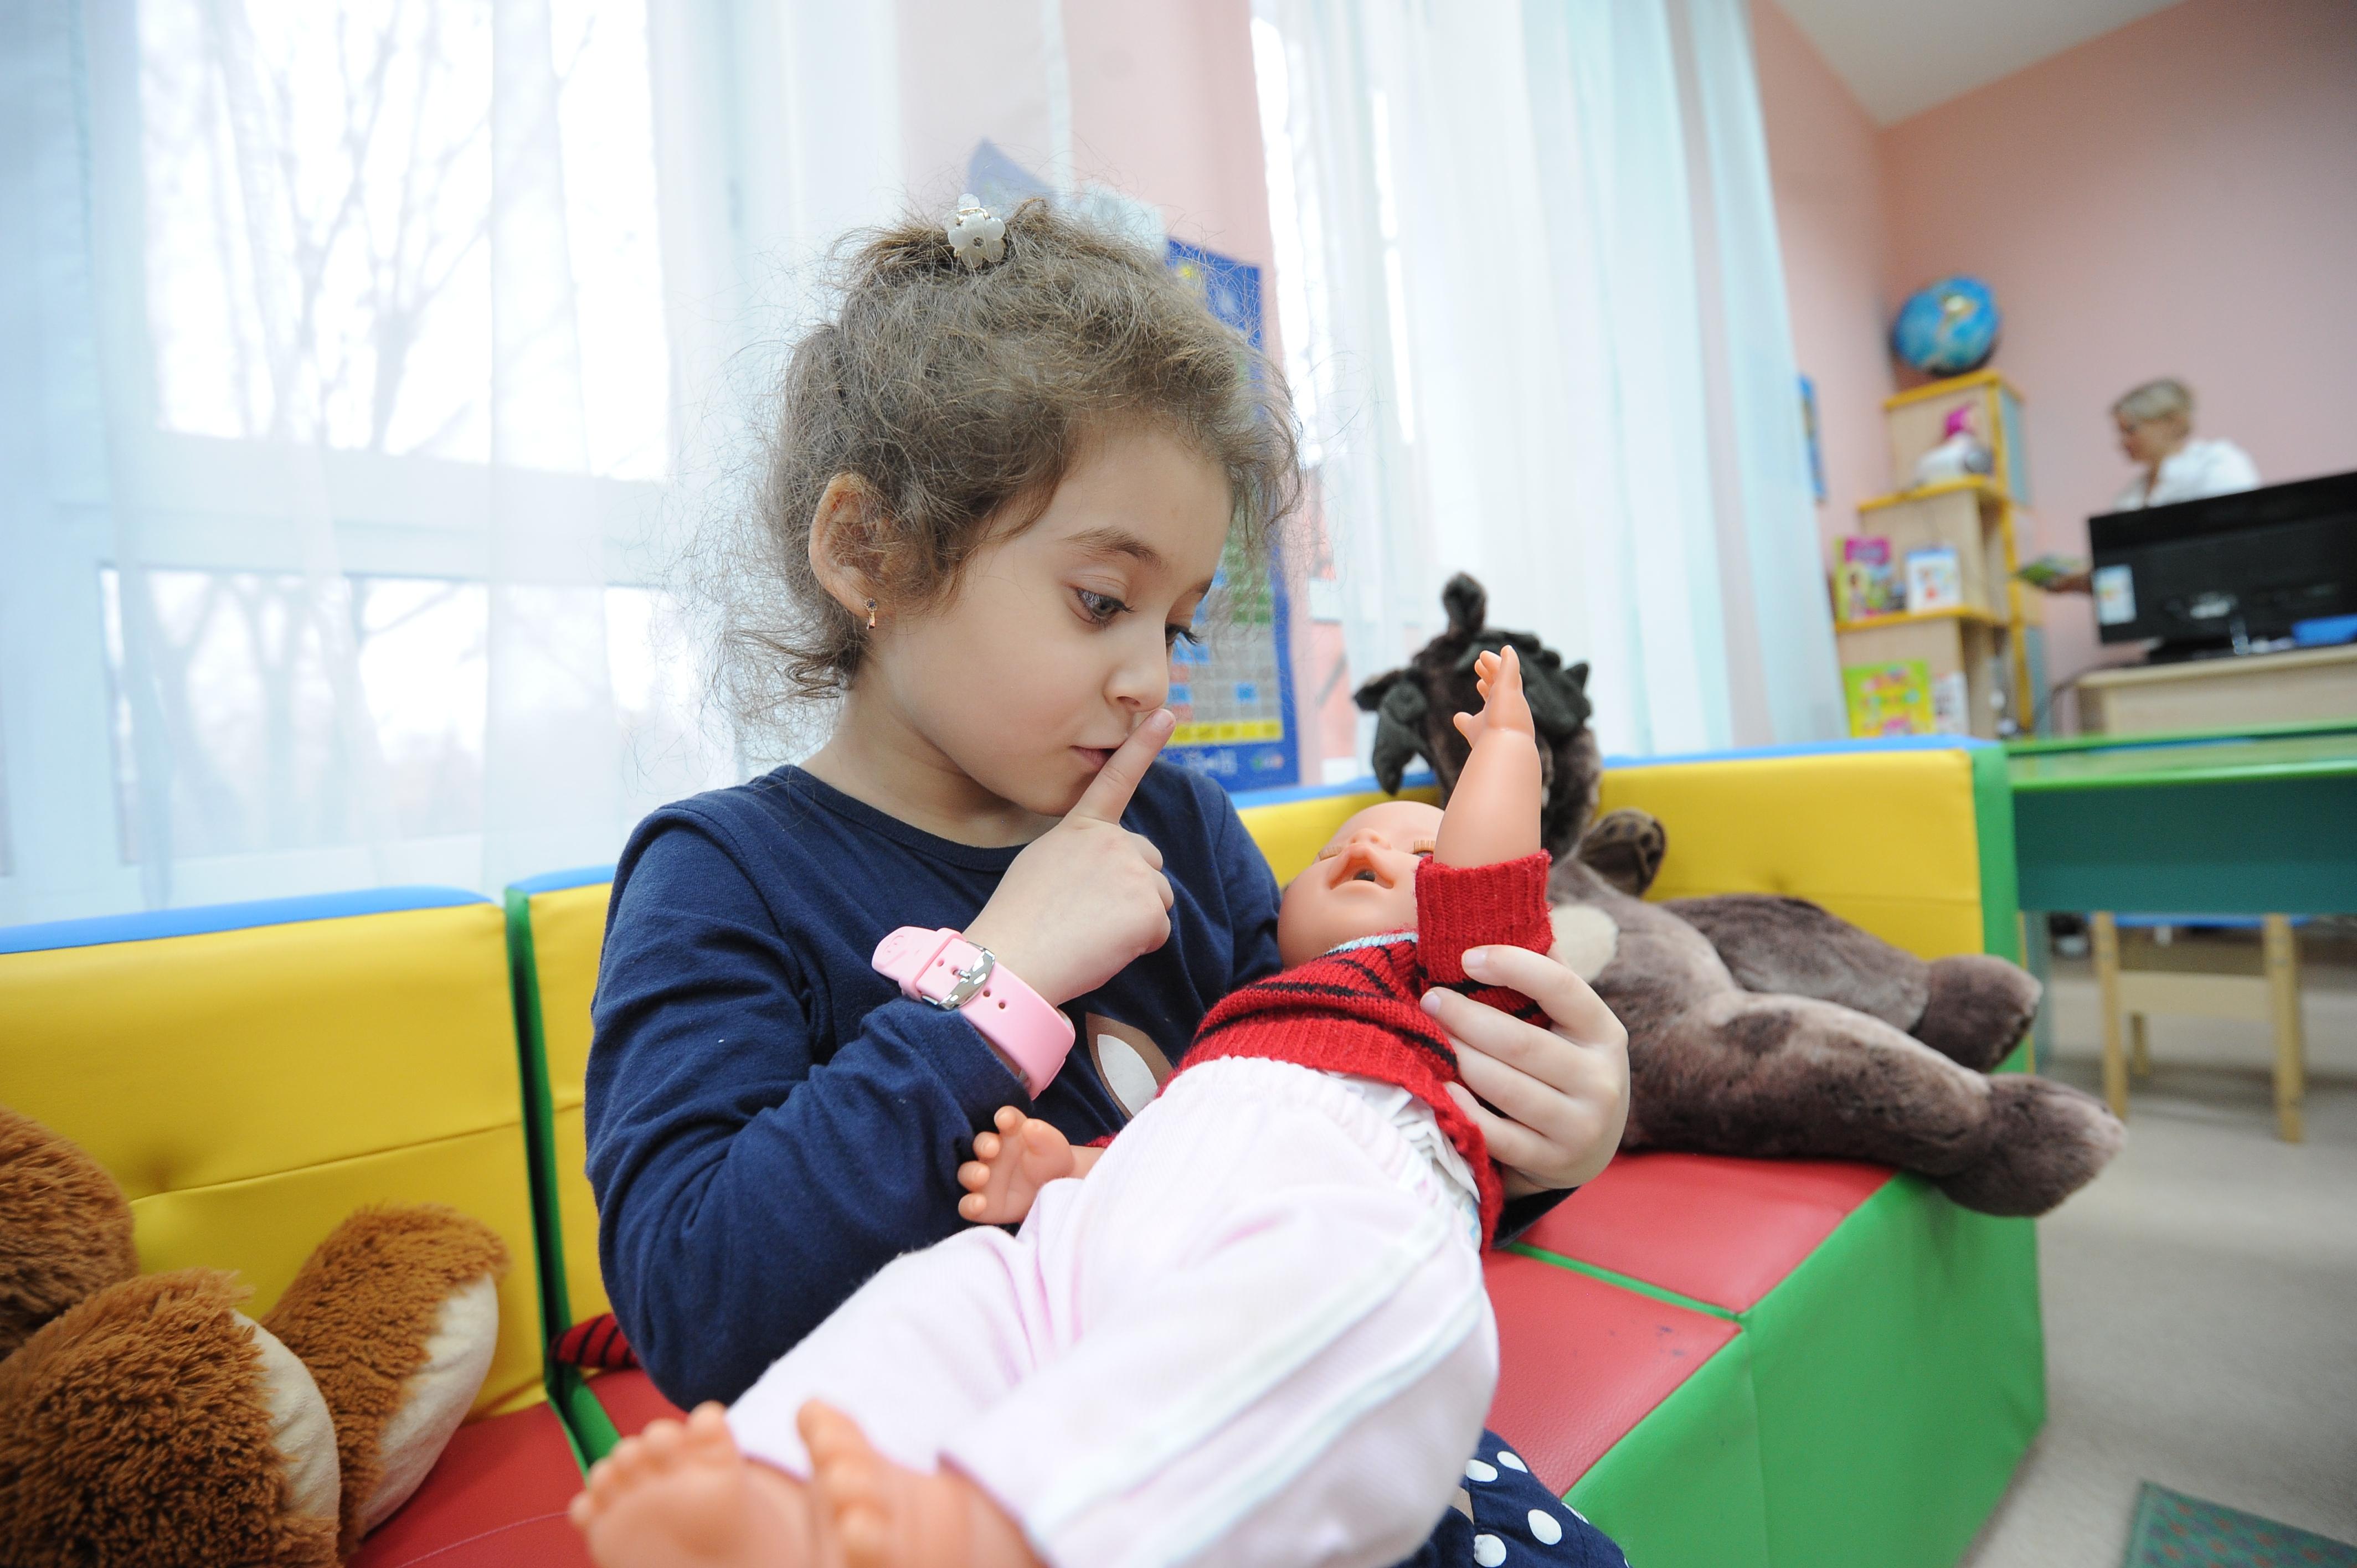 Свыше 200 мест предусмотрели в новом детском саду в Коммунарке